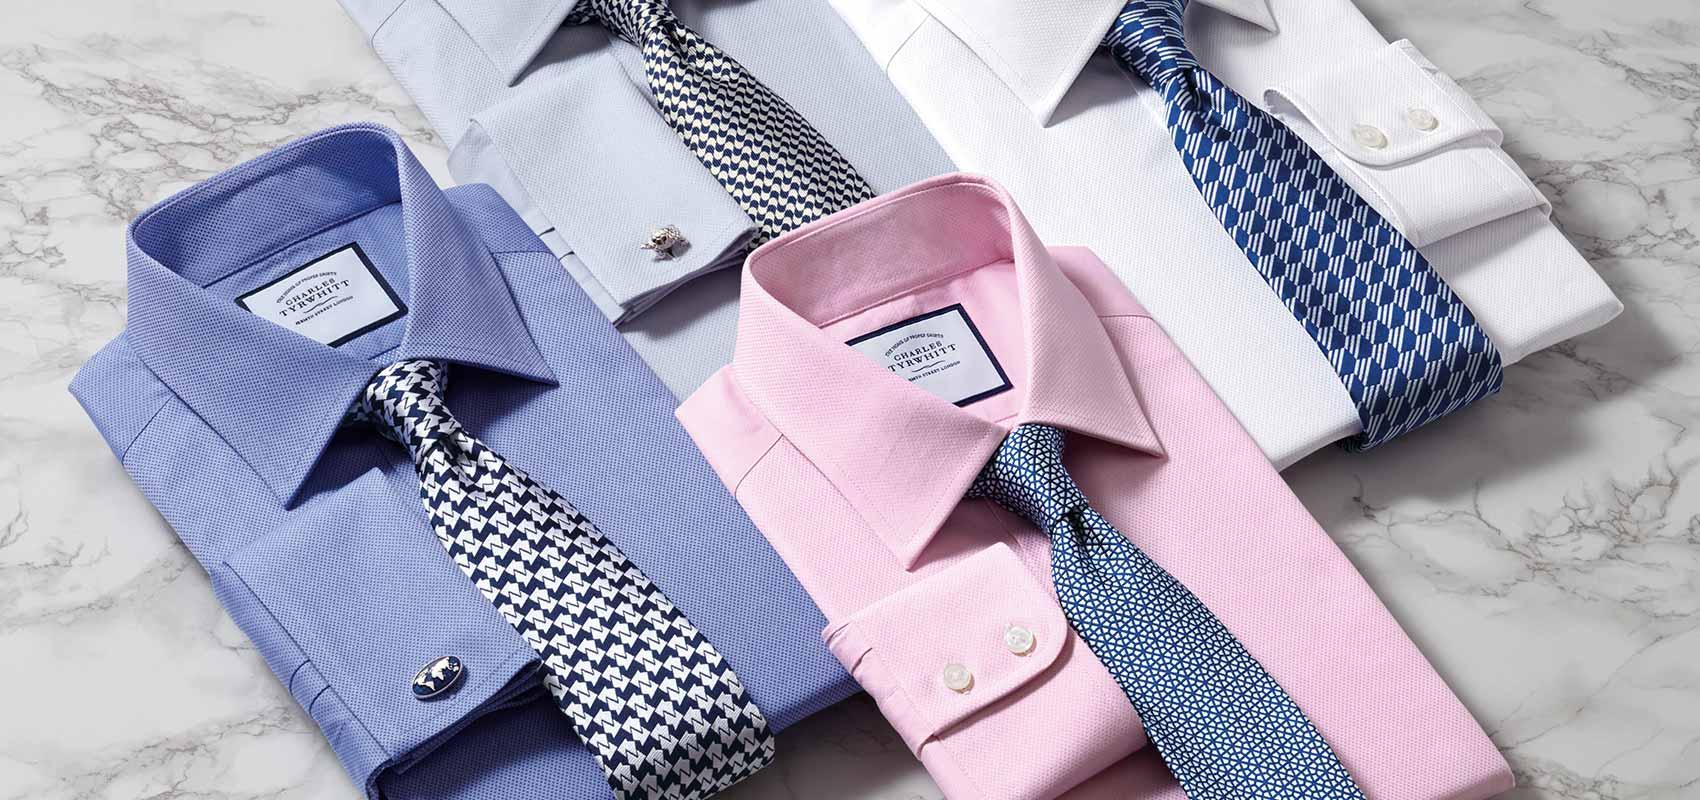 Charles Tyrwhitt luxury shirts